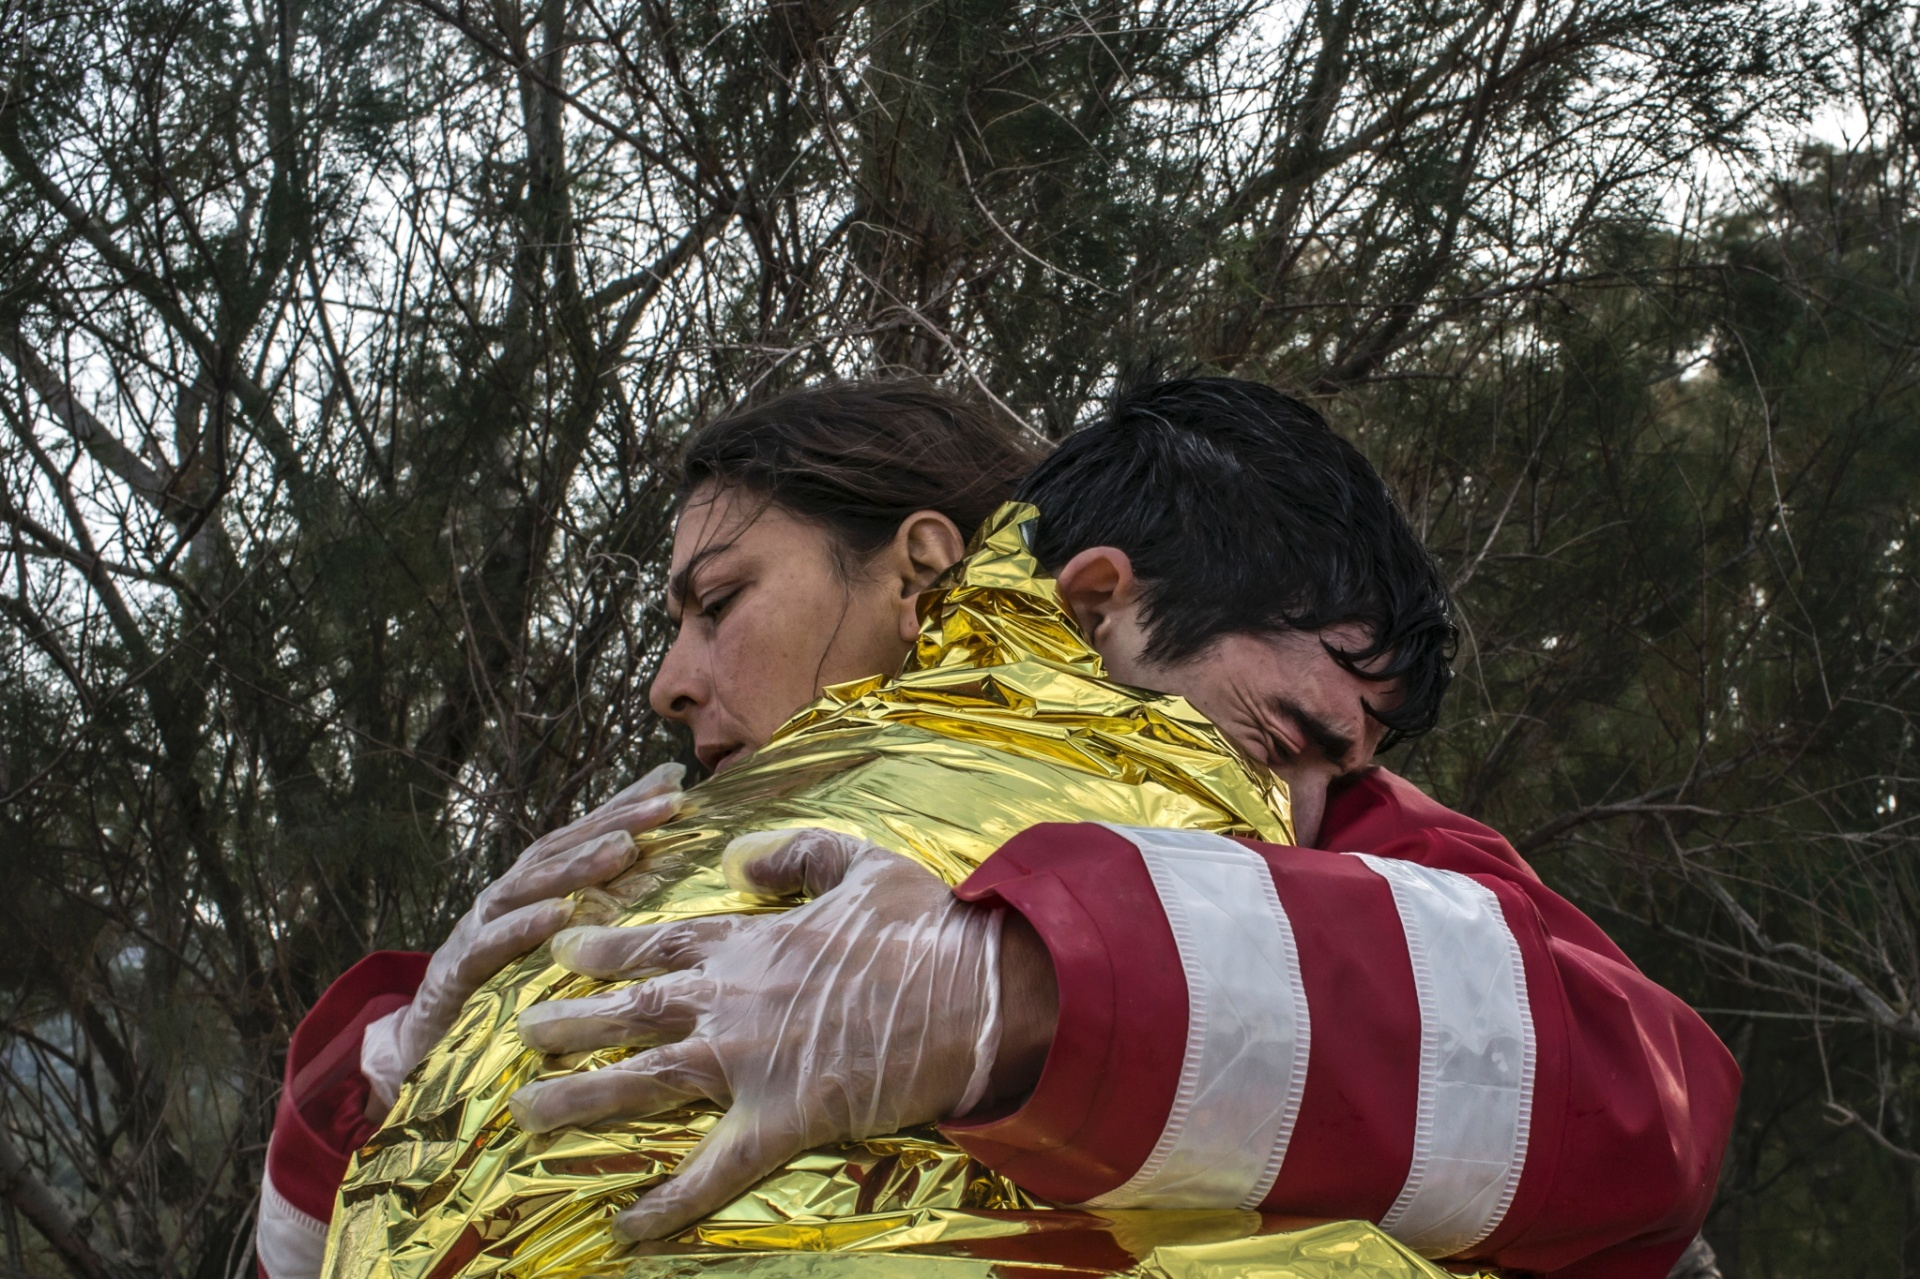 31.out.2015 - Embrulhado em manta térmica, refugiado afegão chora ao receber atendimento médico de uma funcionária da Cruz Vermelha em praia da Ilha de Lesbos (Grécia)